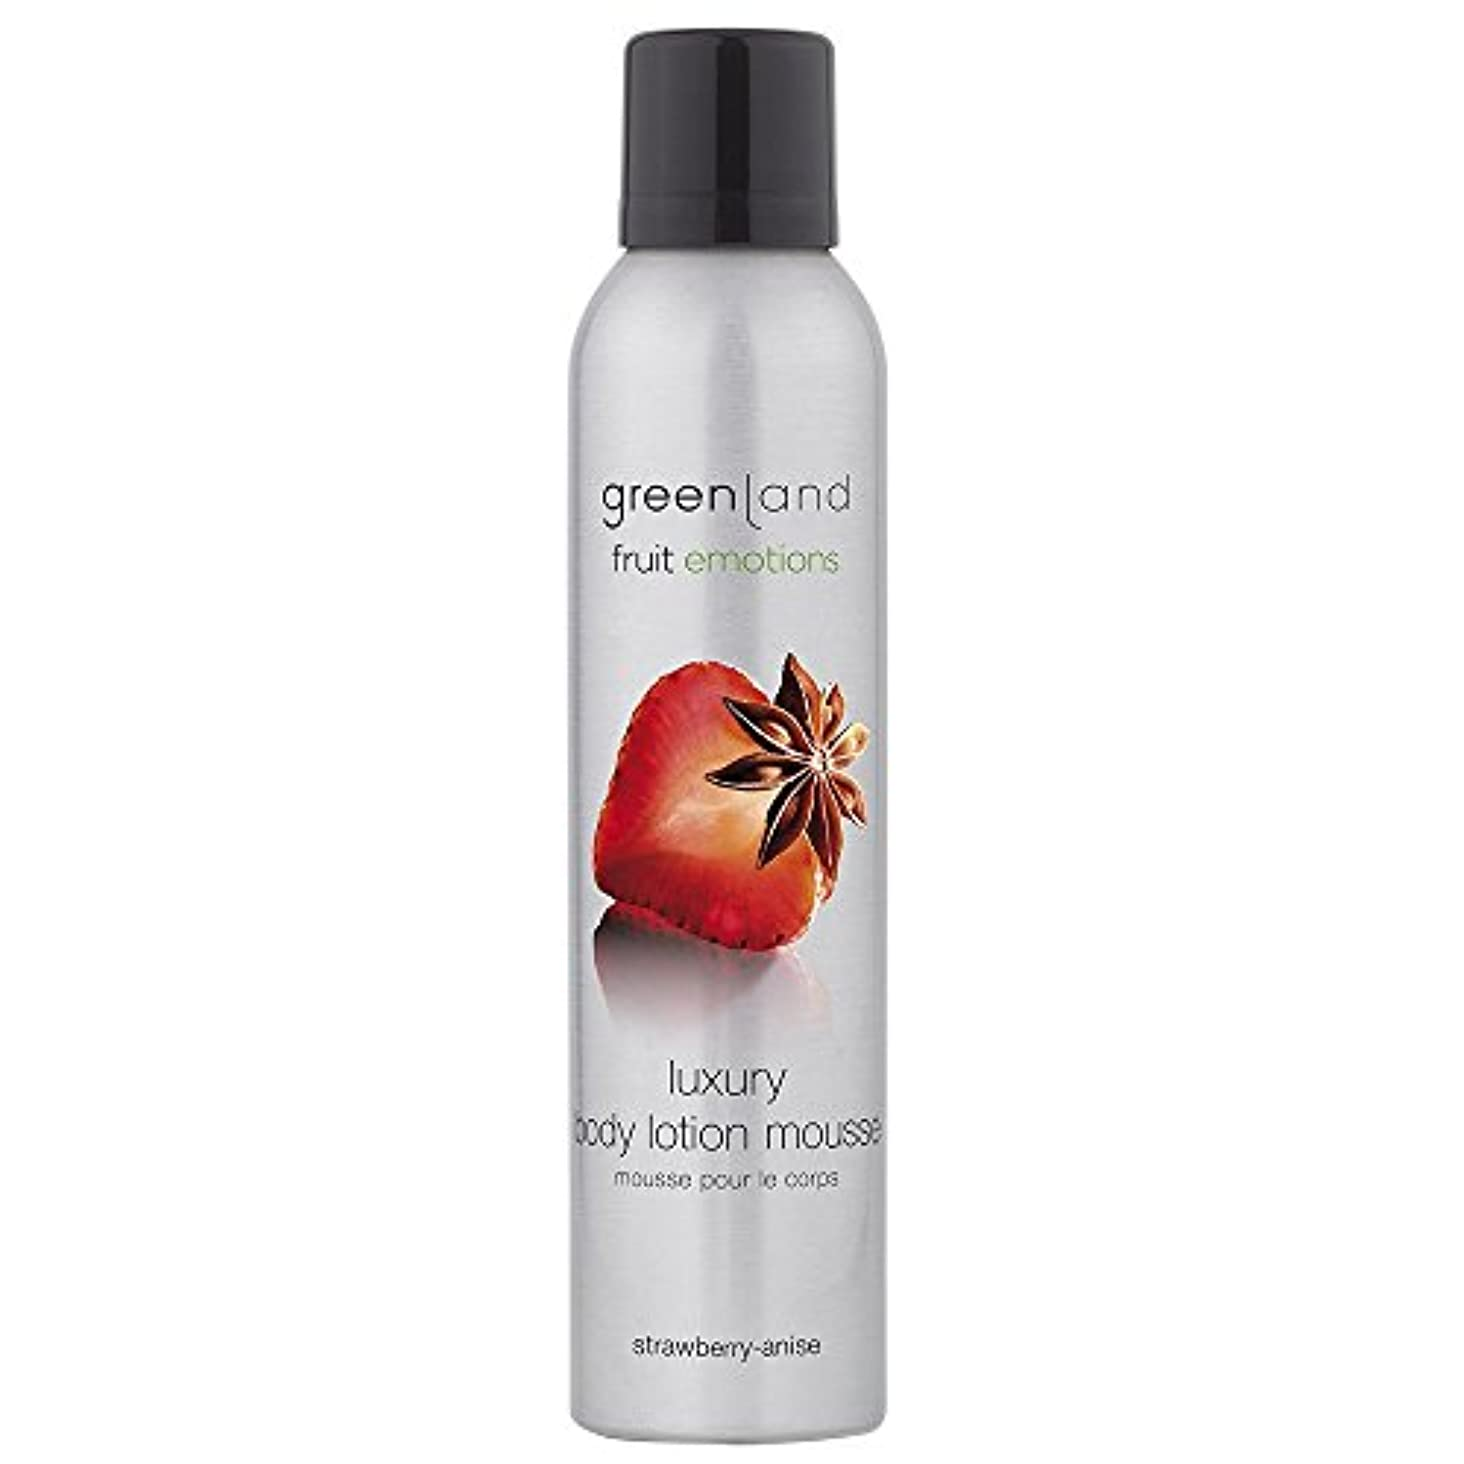 greenland [FruitEmotions] ボディローションムース 200ml ストロベリー&アニス FE0287